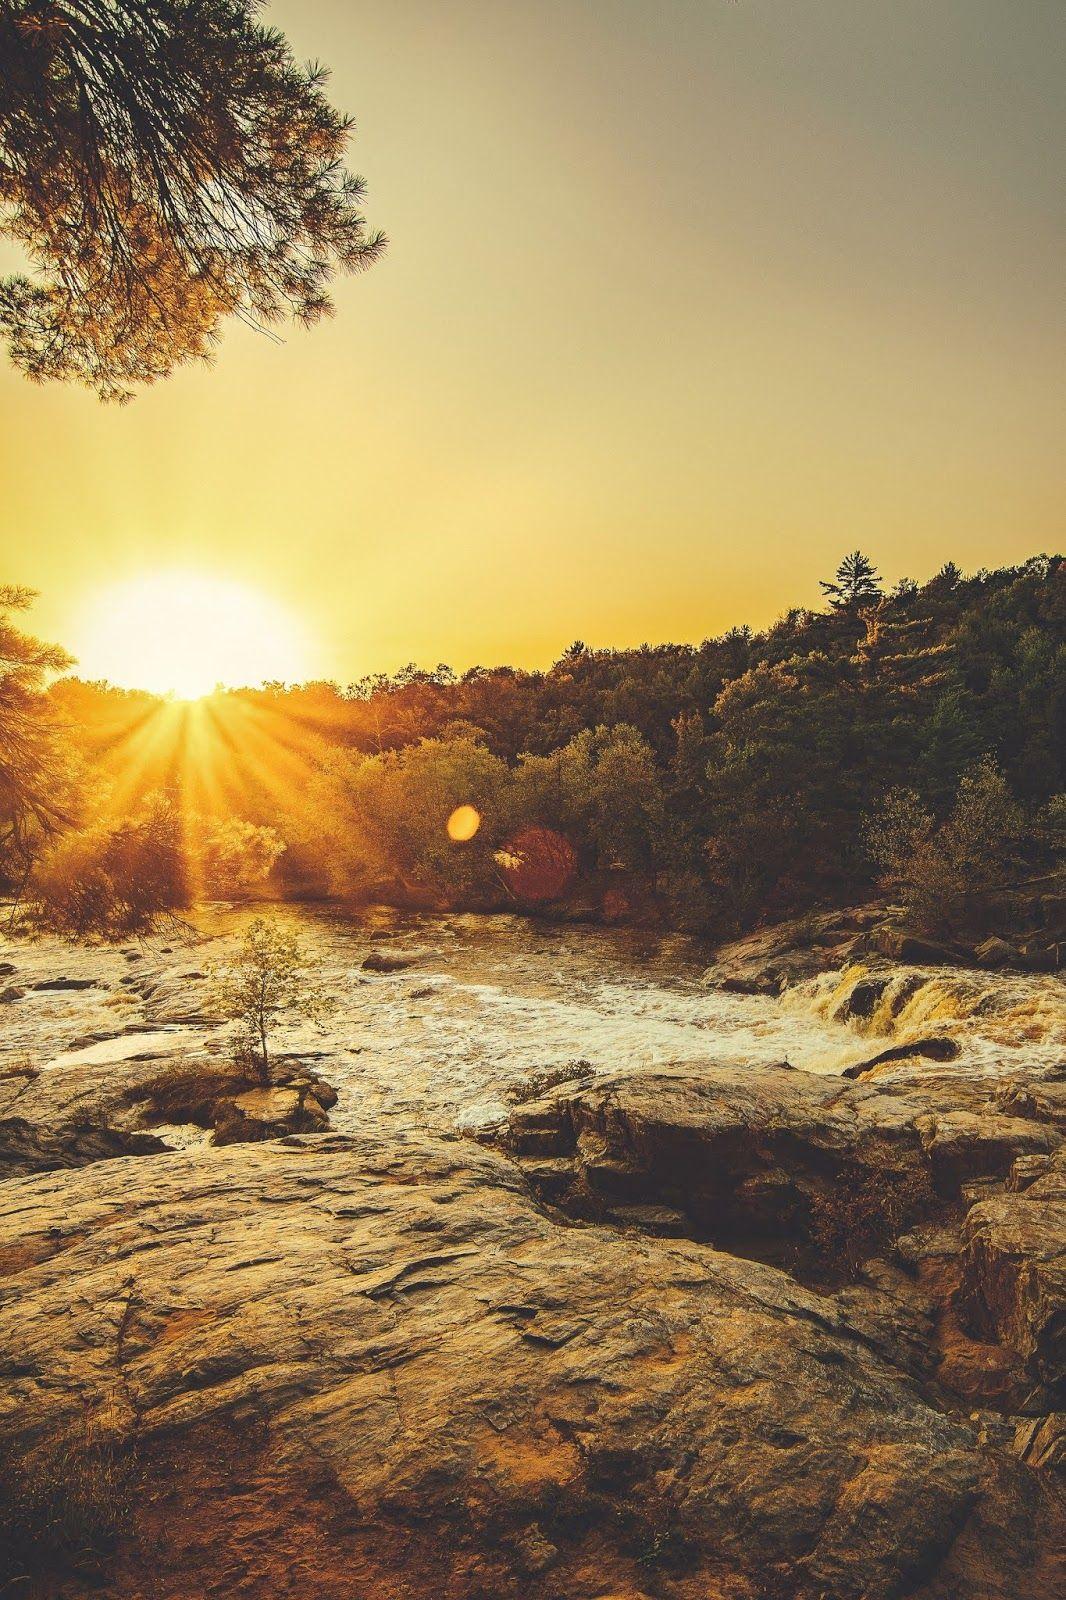 Sunset Evening Golden Horizon Mobile Wallpaper Hd Wallpapers For Mobile Hd Landscape Landscape Wallpaper